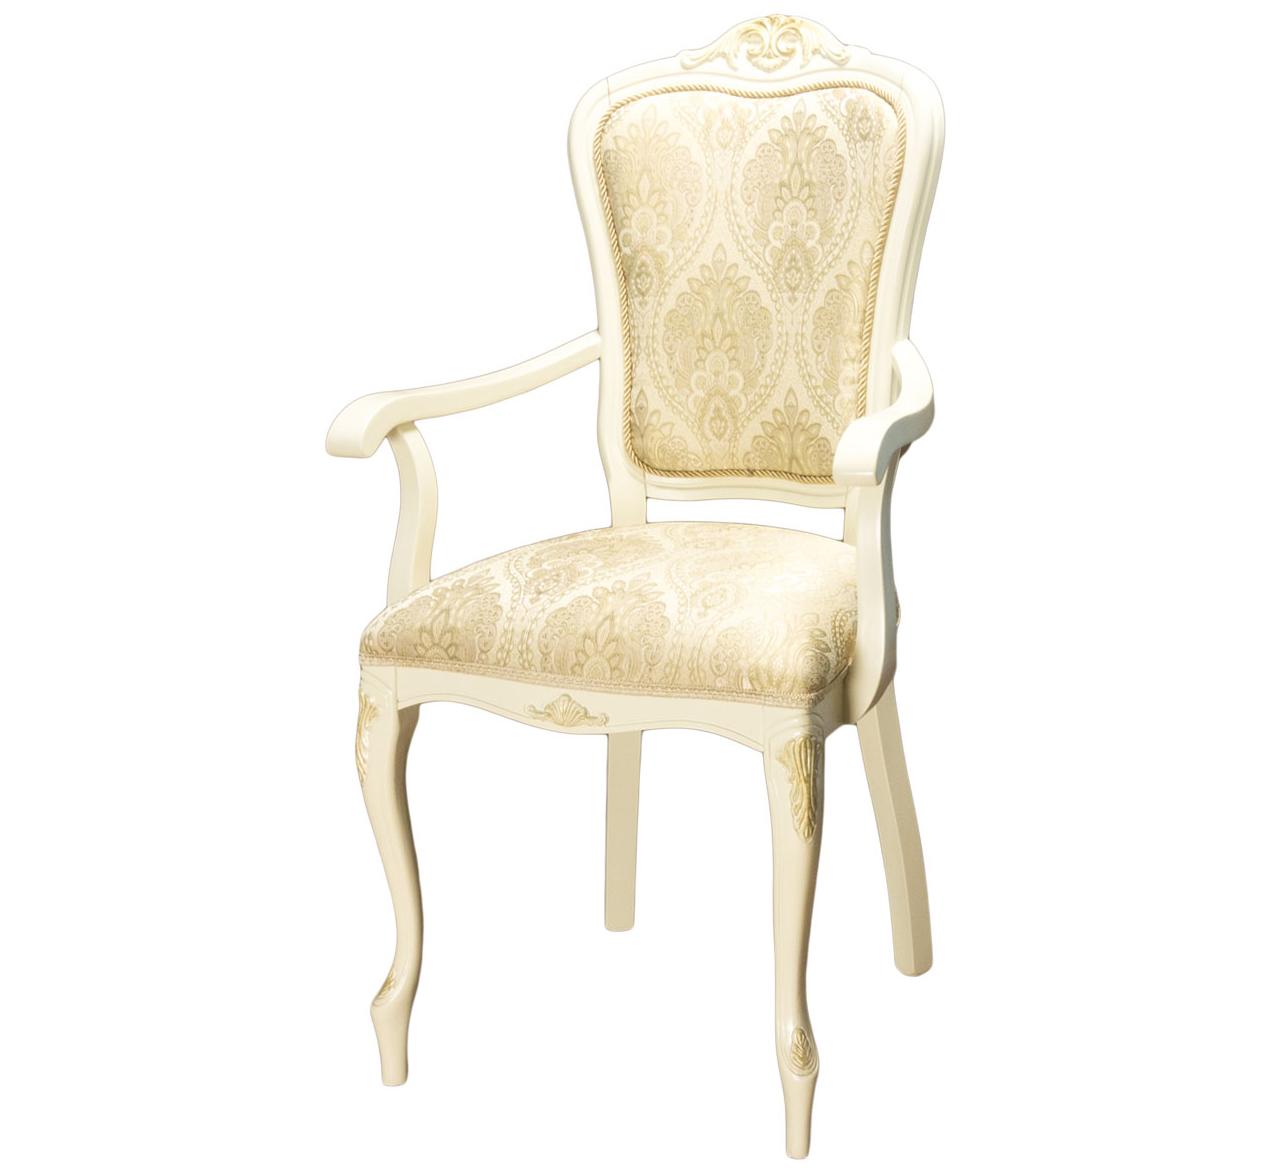 Кресло-стул для кухни с подлокотниками бежевый (арт. М3356)